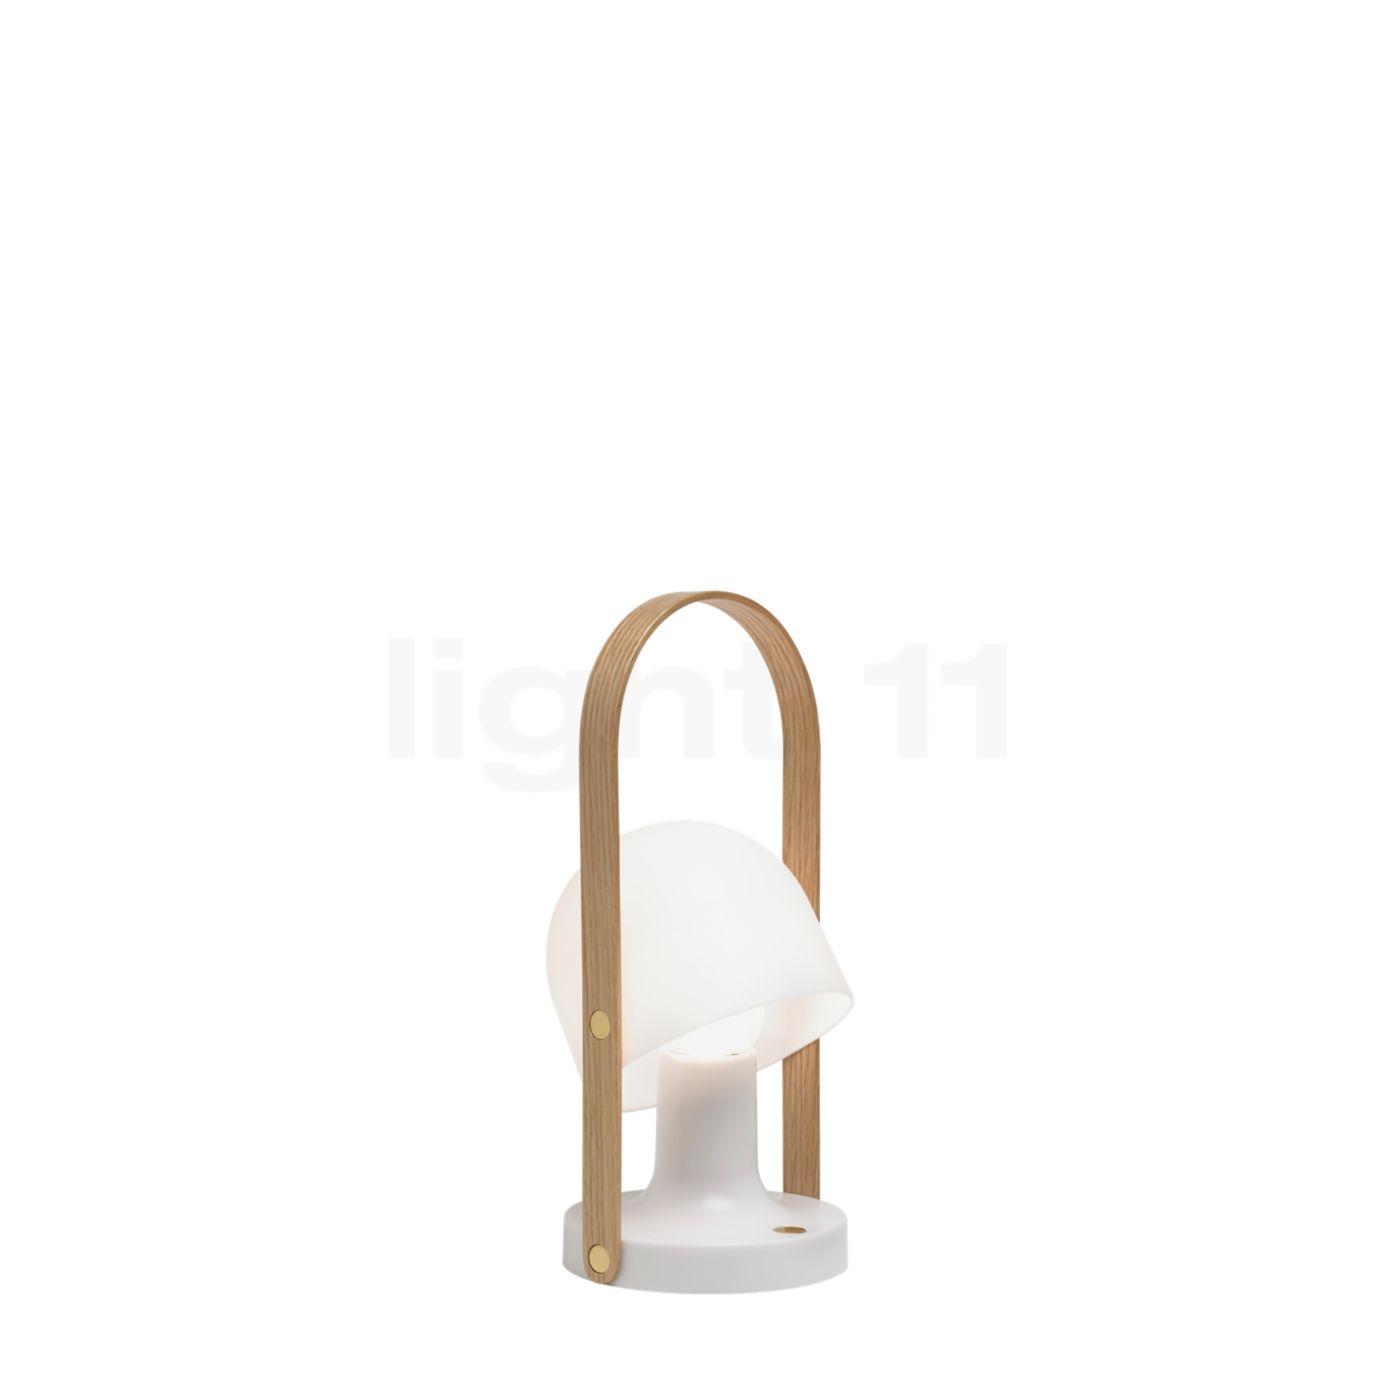 Designerleuchten & Designerlampen kaufen bei light11.de